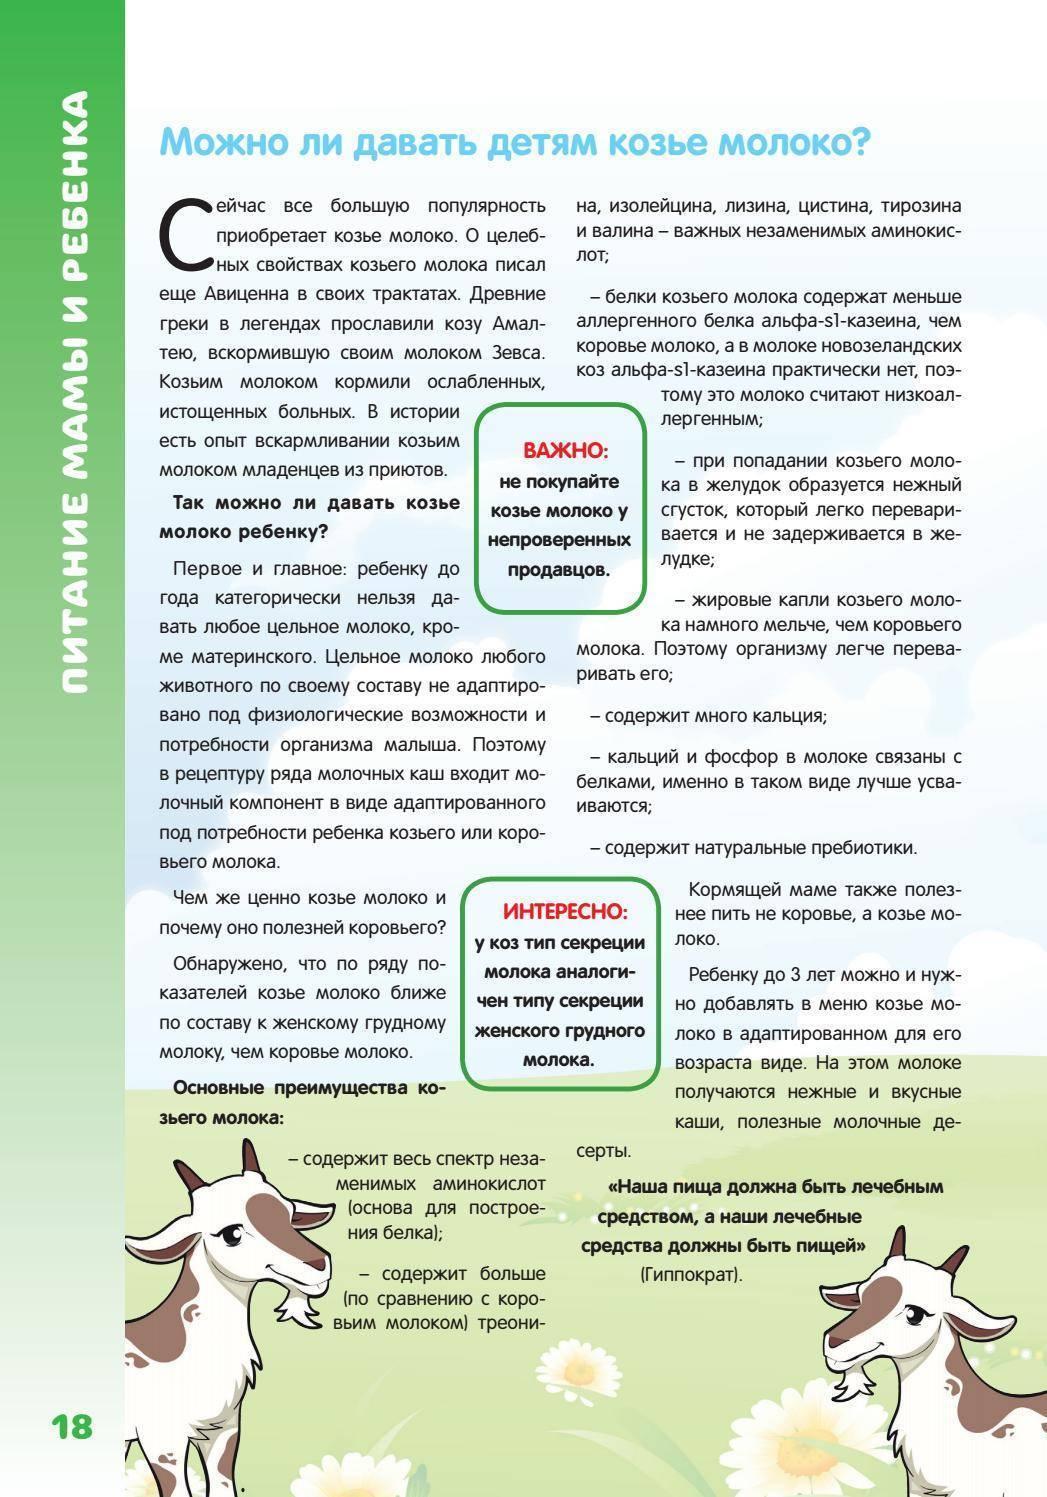 Молоко для детей разного возраста, в том числе для грудничков: можно ли давать, в каких количествах, мнение специалистов, полезные рецепты + отзывы